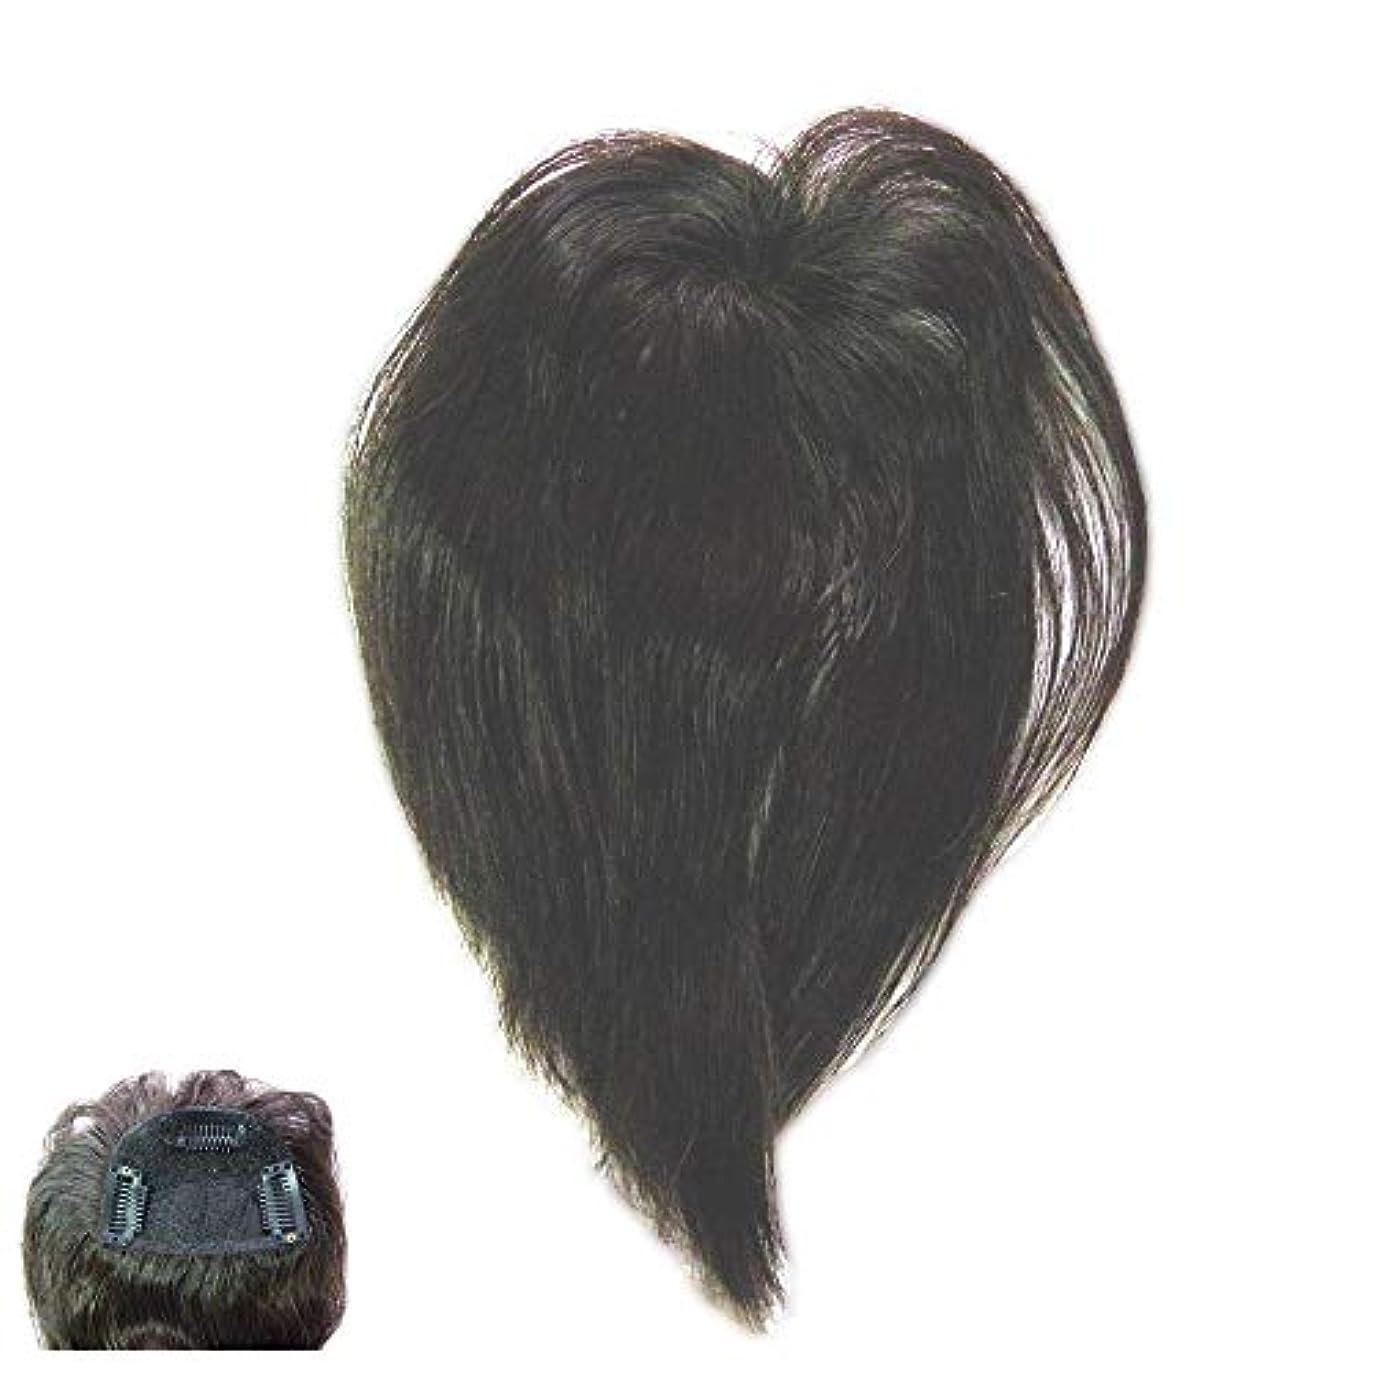 疲労ケイ素ダース(パッケージ不良)ファッション?トップウイッグ★人毛と耐熱形状ファイバーのデラックス仕様 Type13